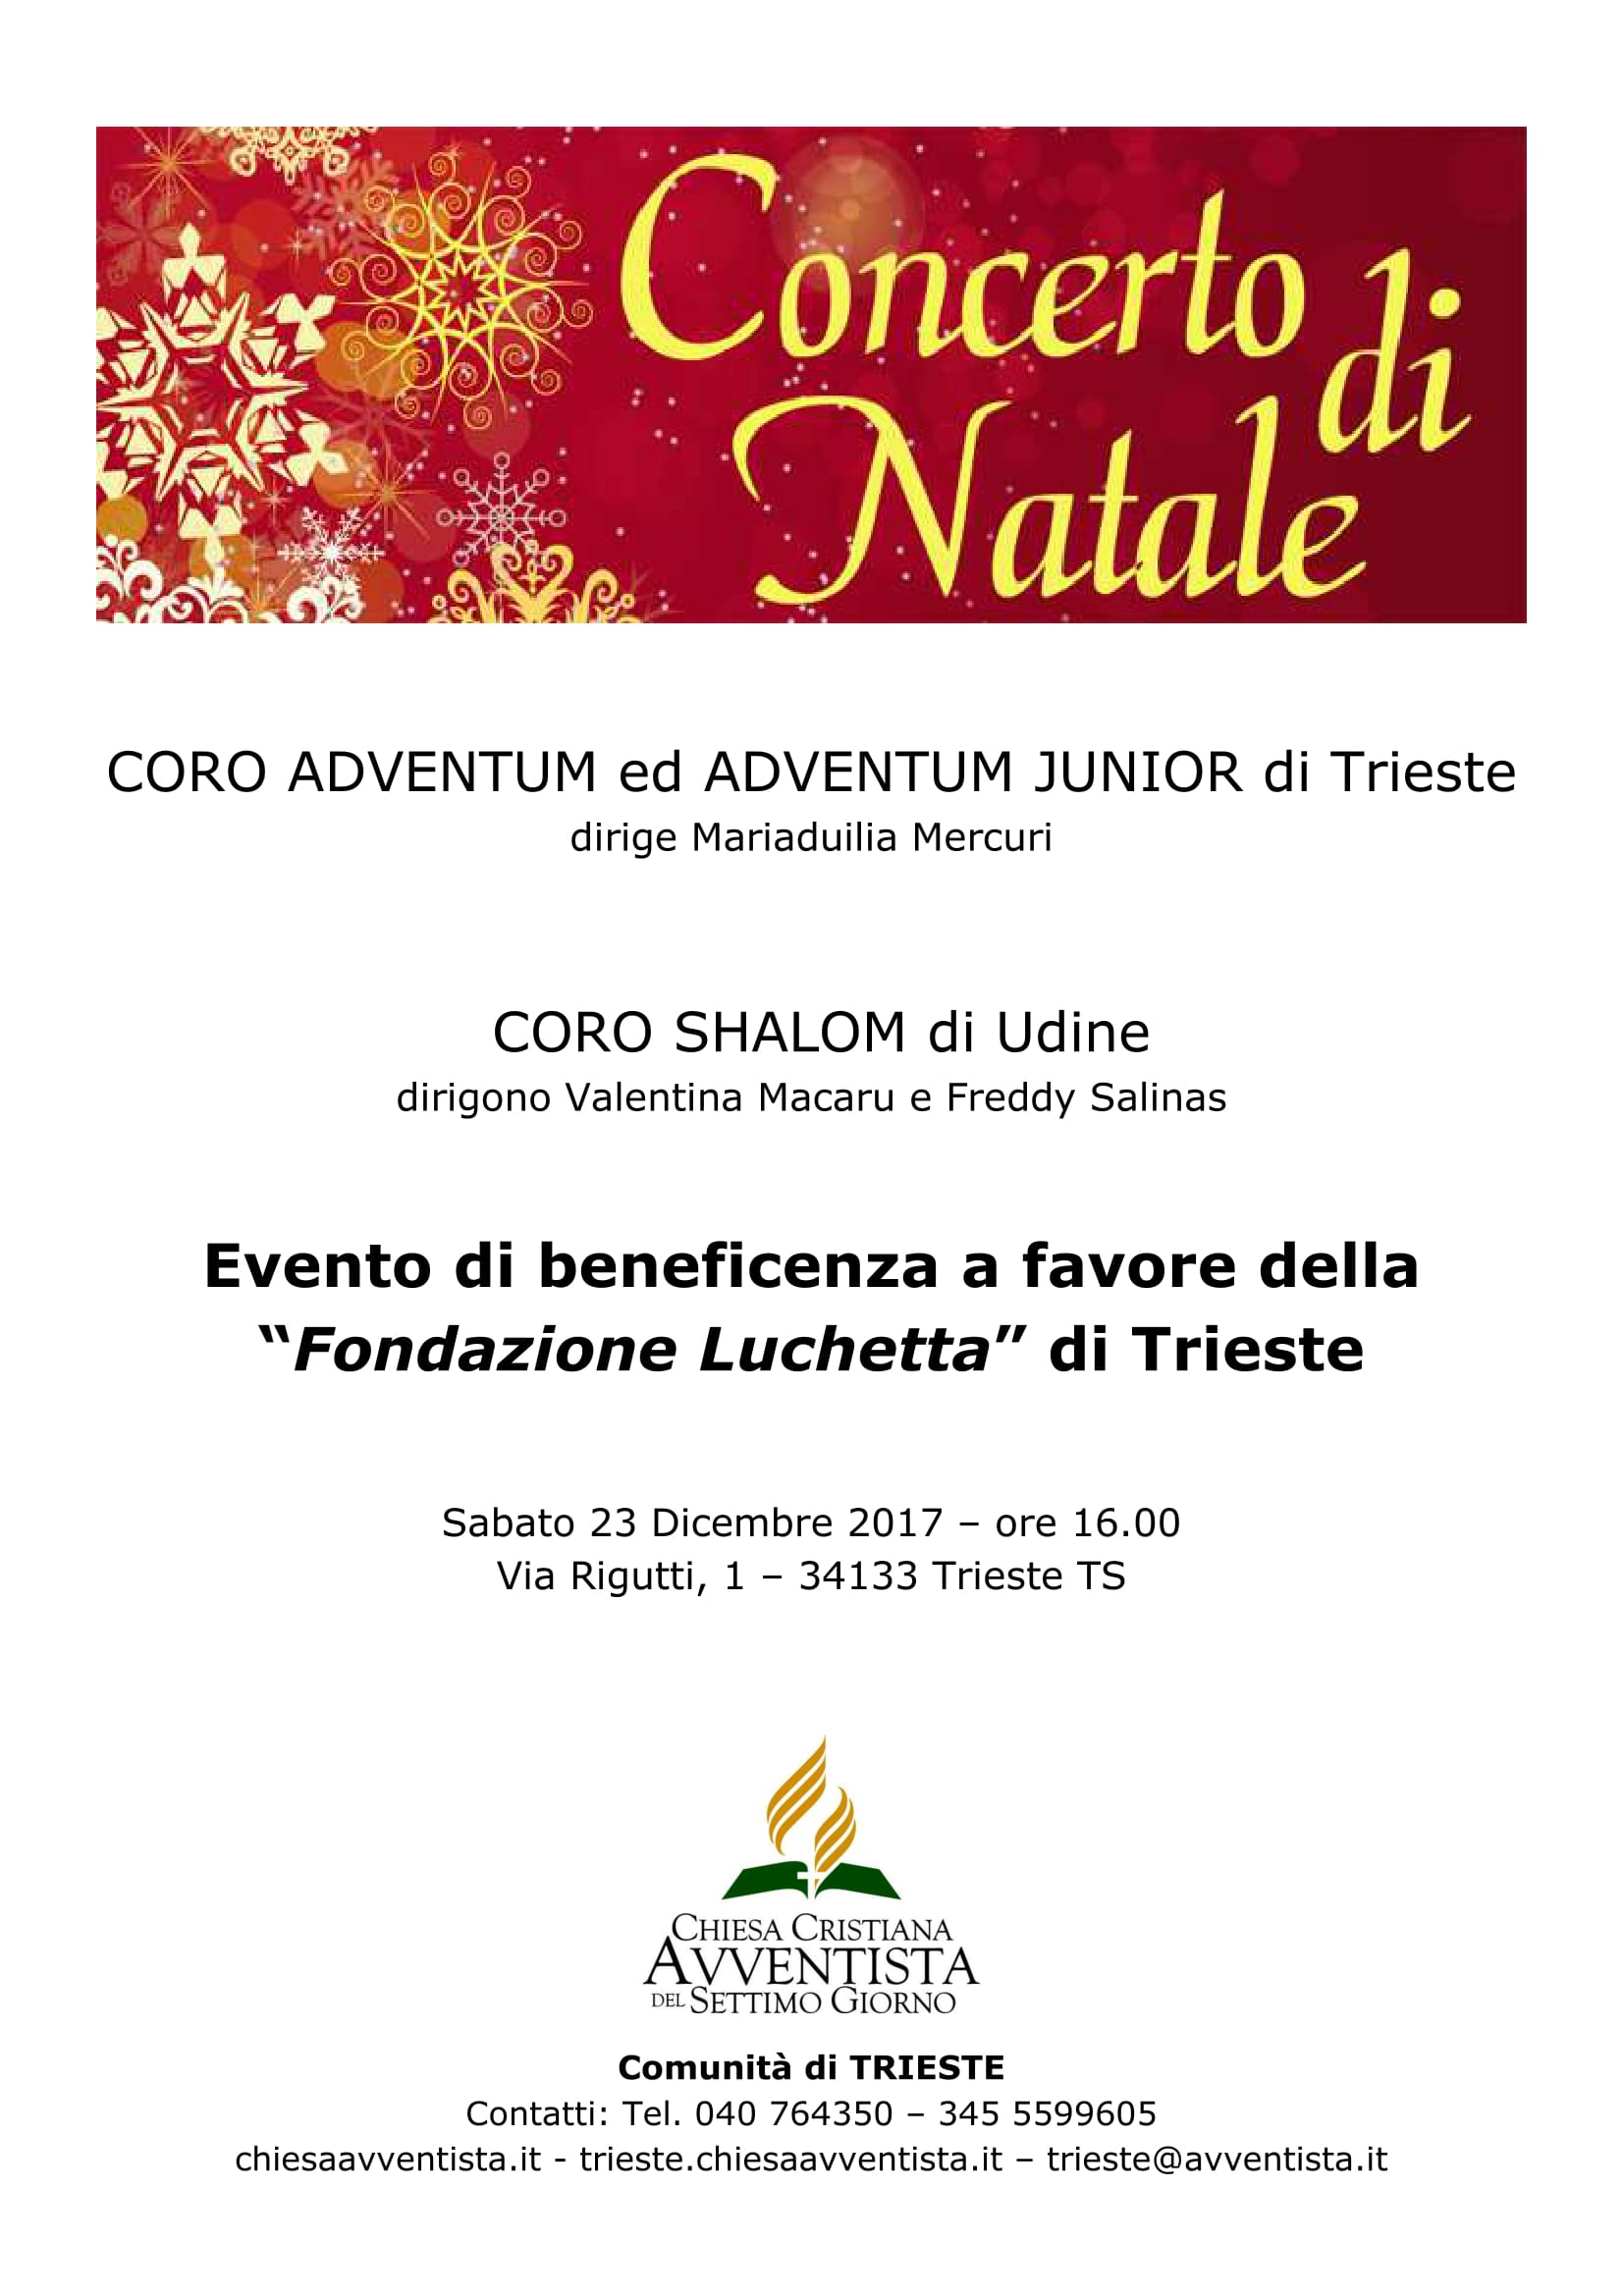 Trieste. Concerto natalizio di beneficenza